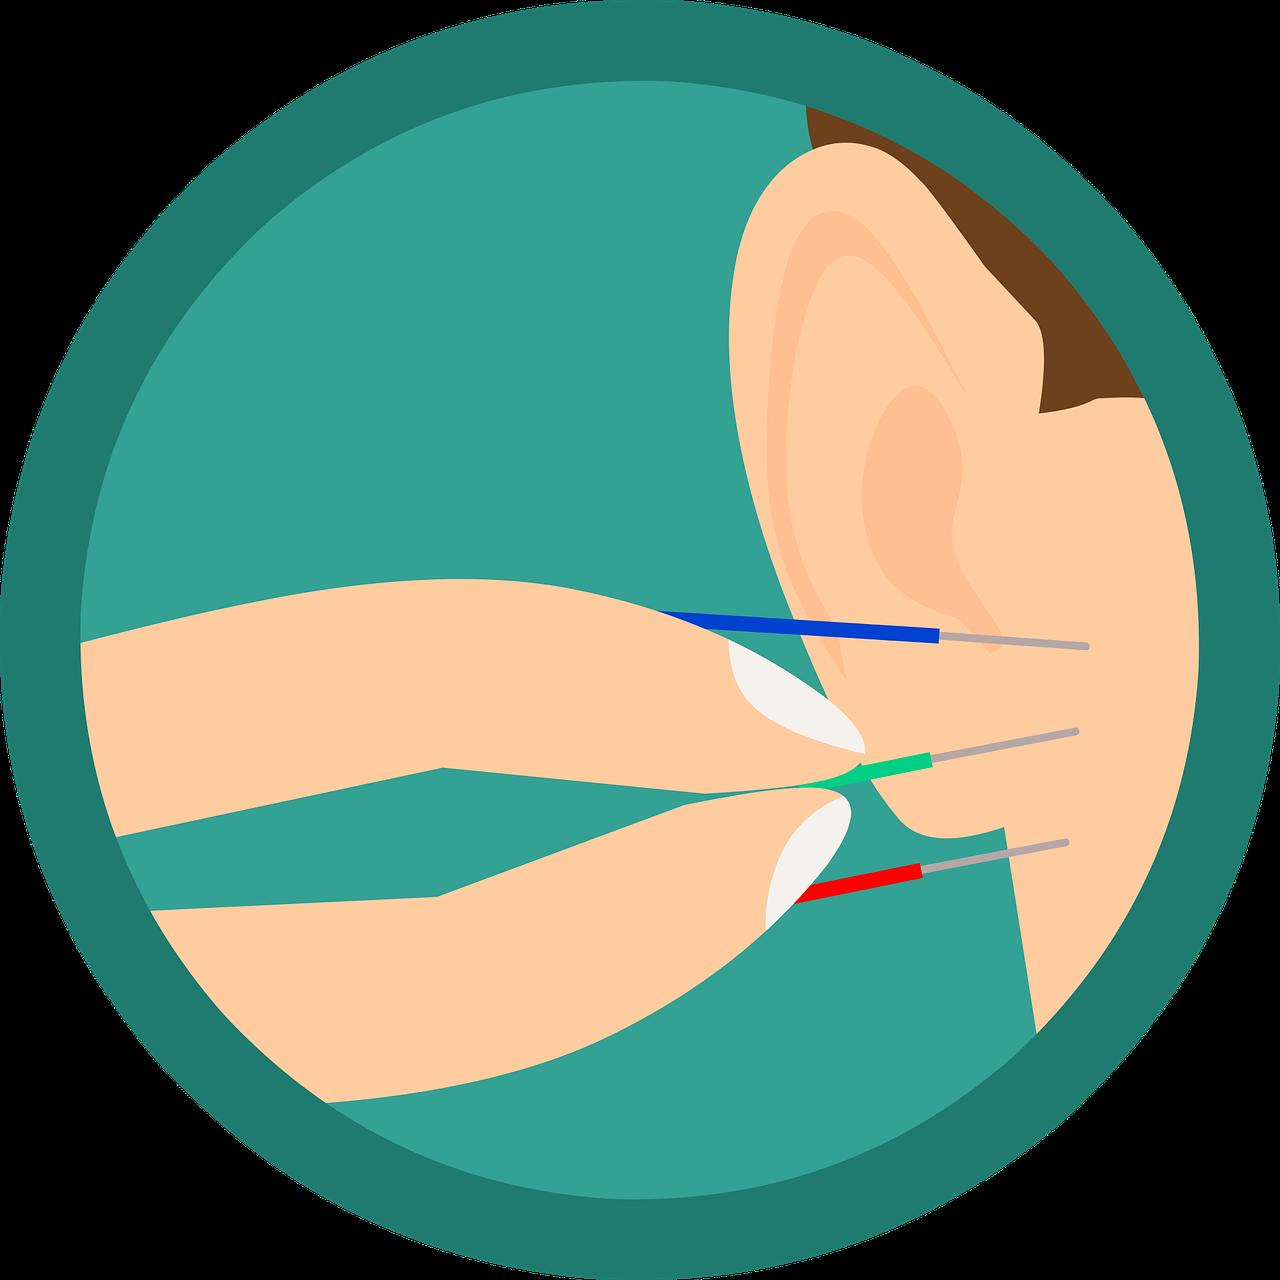 Fysiotherapie - Zomer fysio kosten